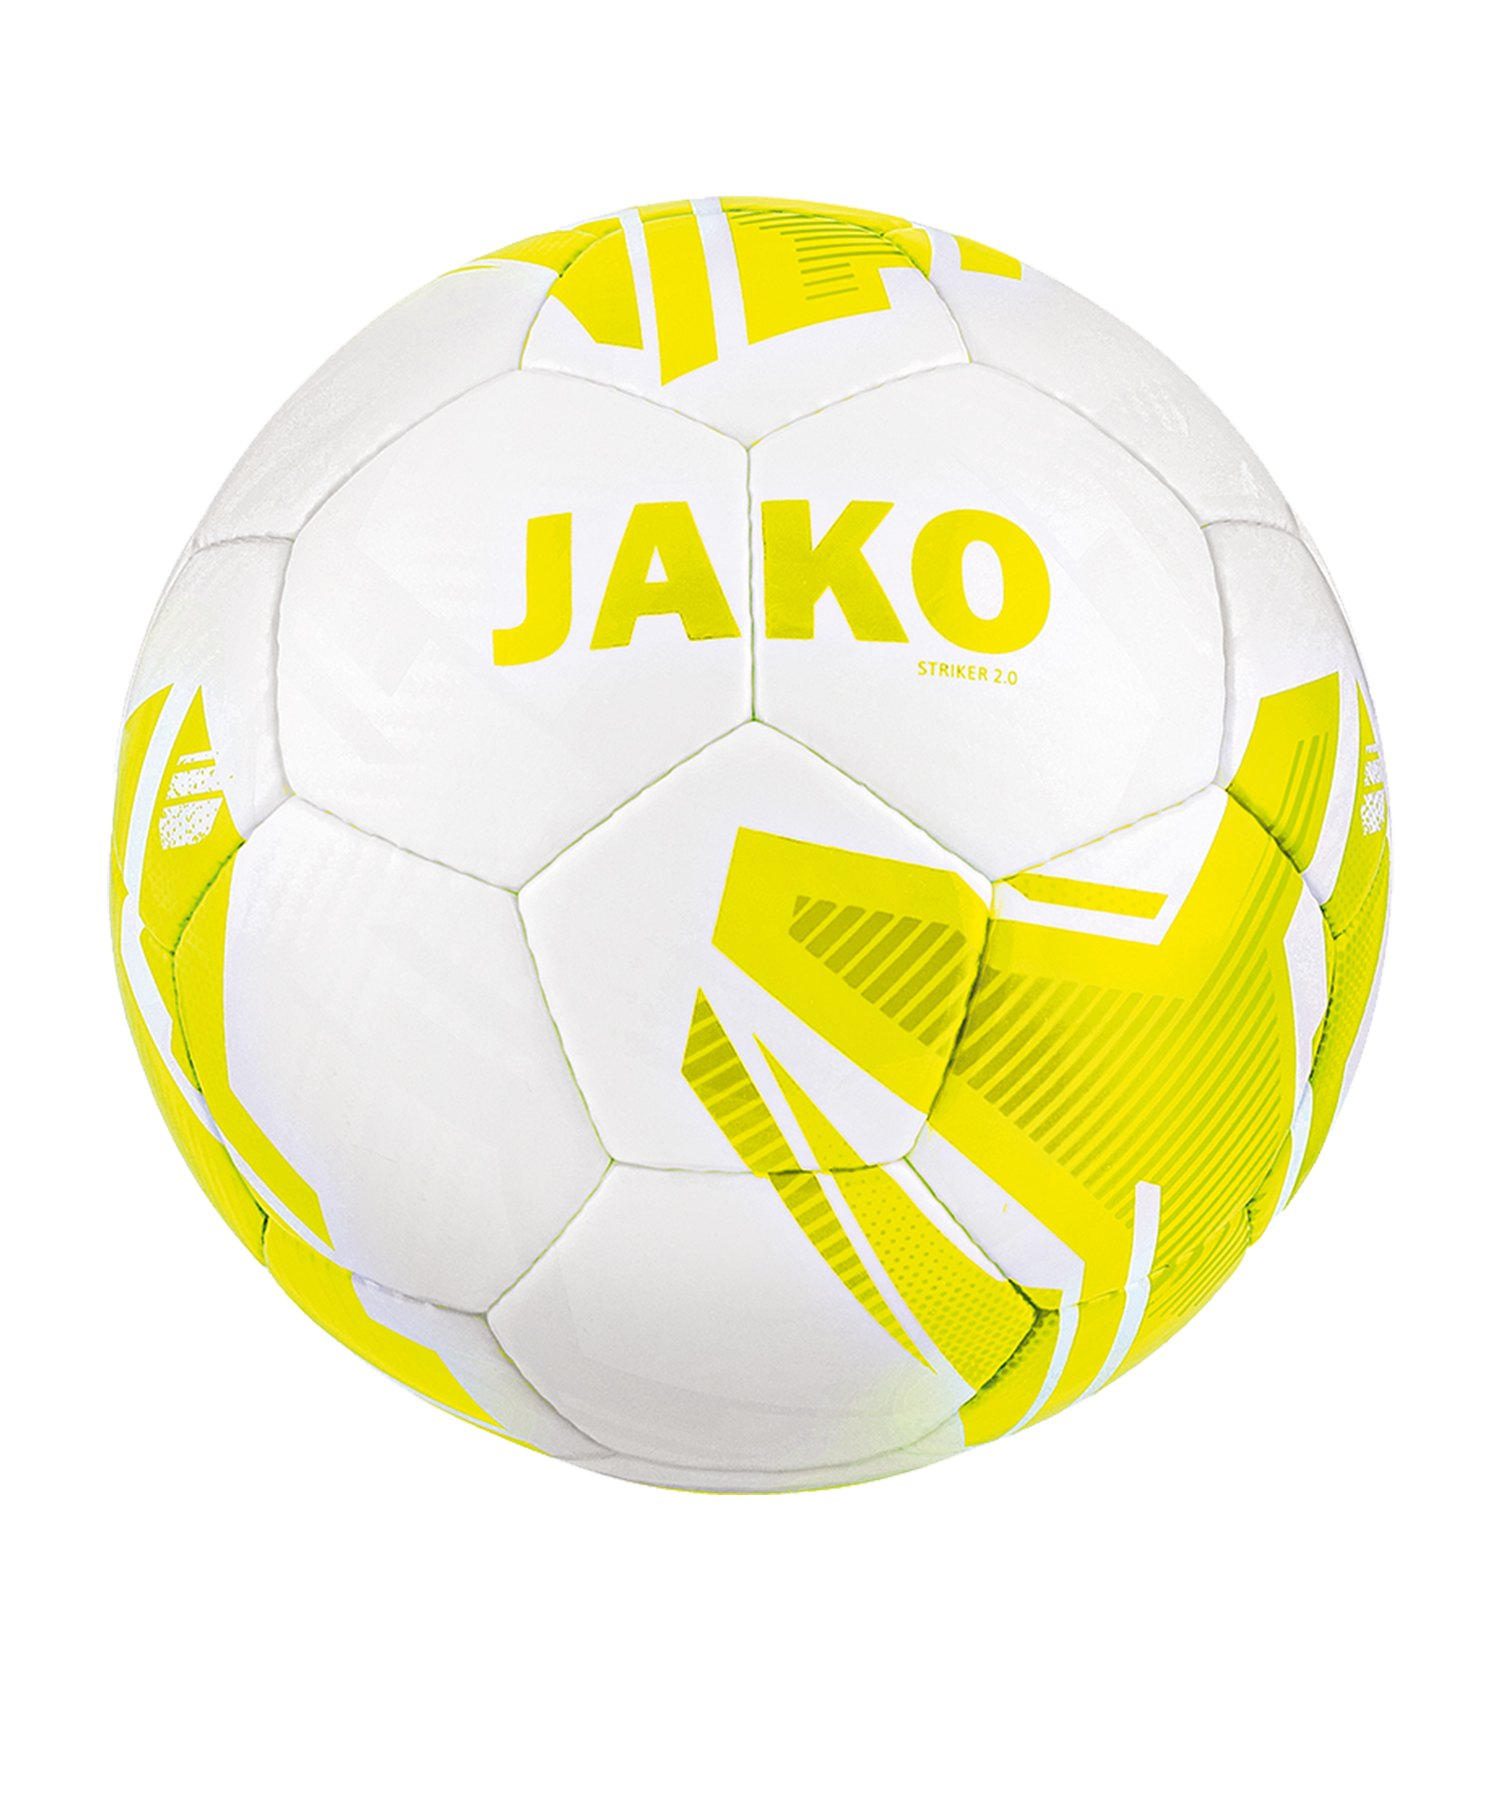 Jako Striker 2.0 Lightball MS 290 Gramm Gr. 3 F00 - Weiss